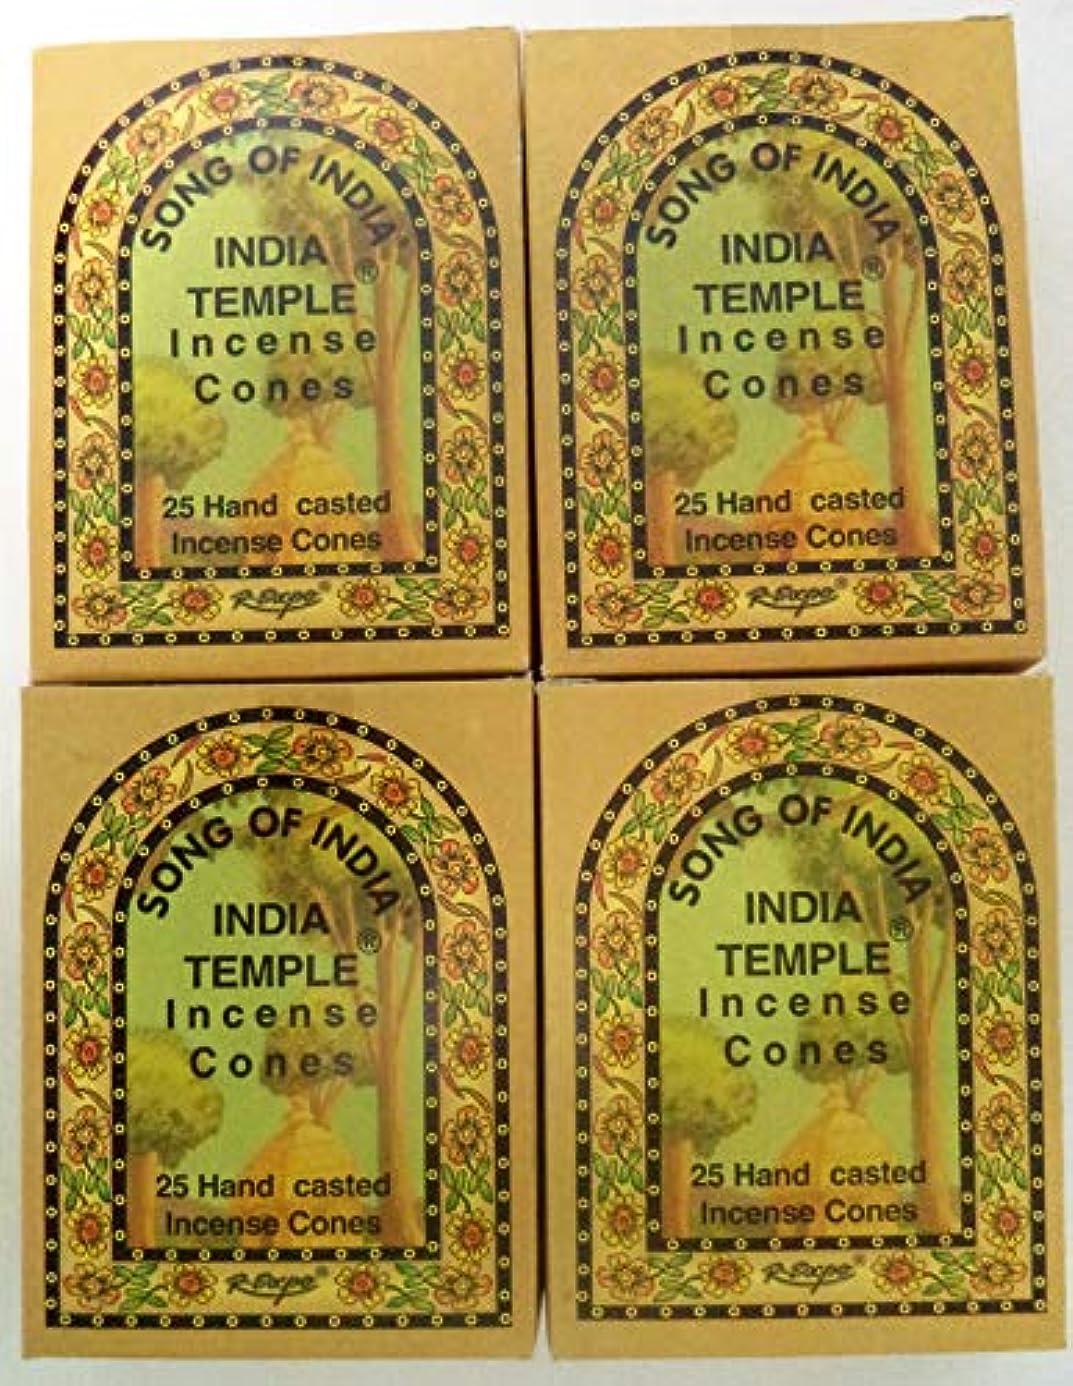 容量ロデオ抽象化Song of India Templeコーンお香、4 x 25円錐パック、100 Cones合計